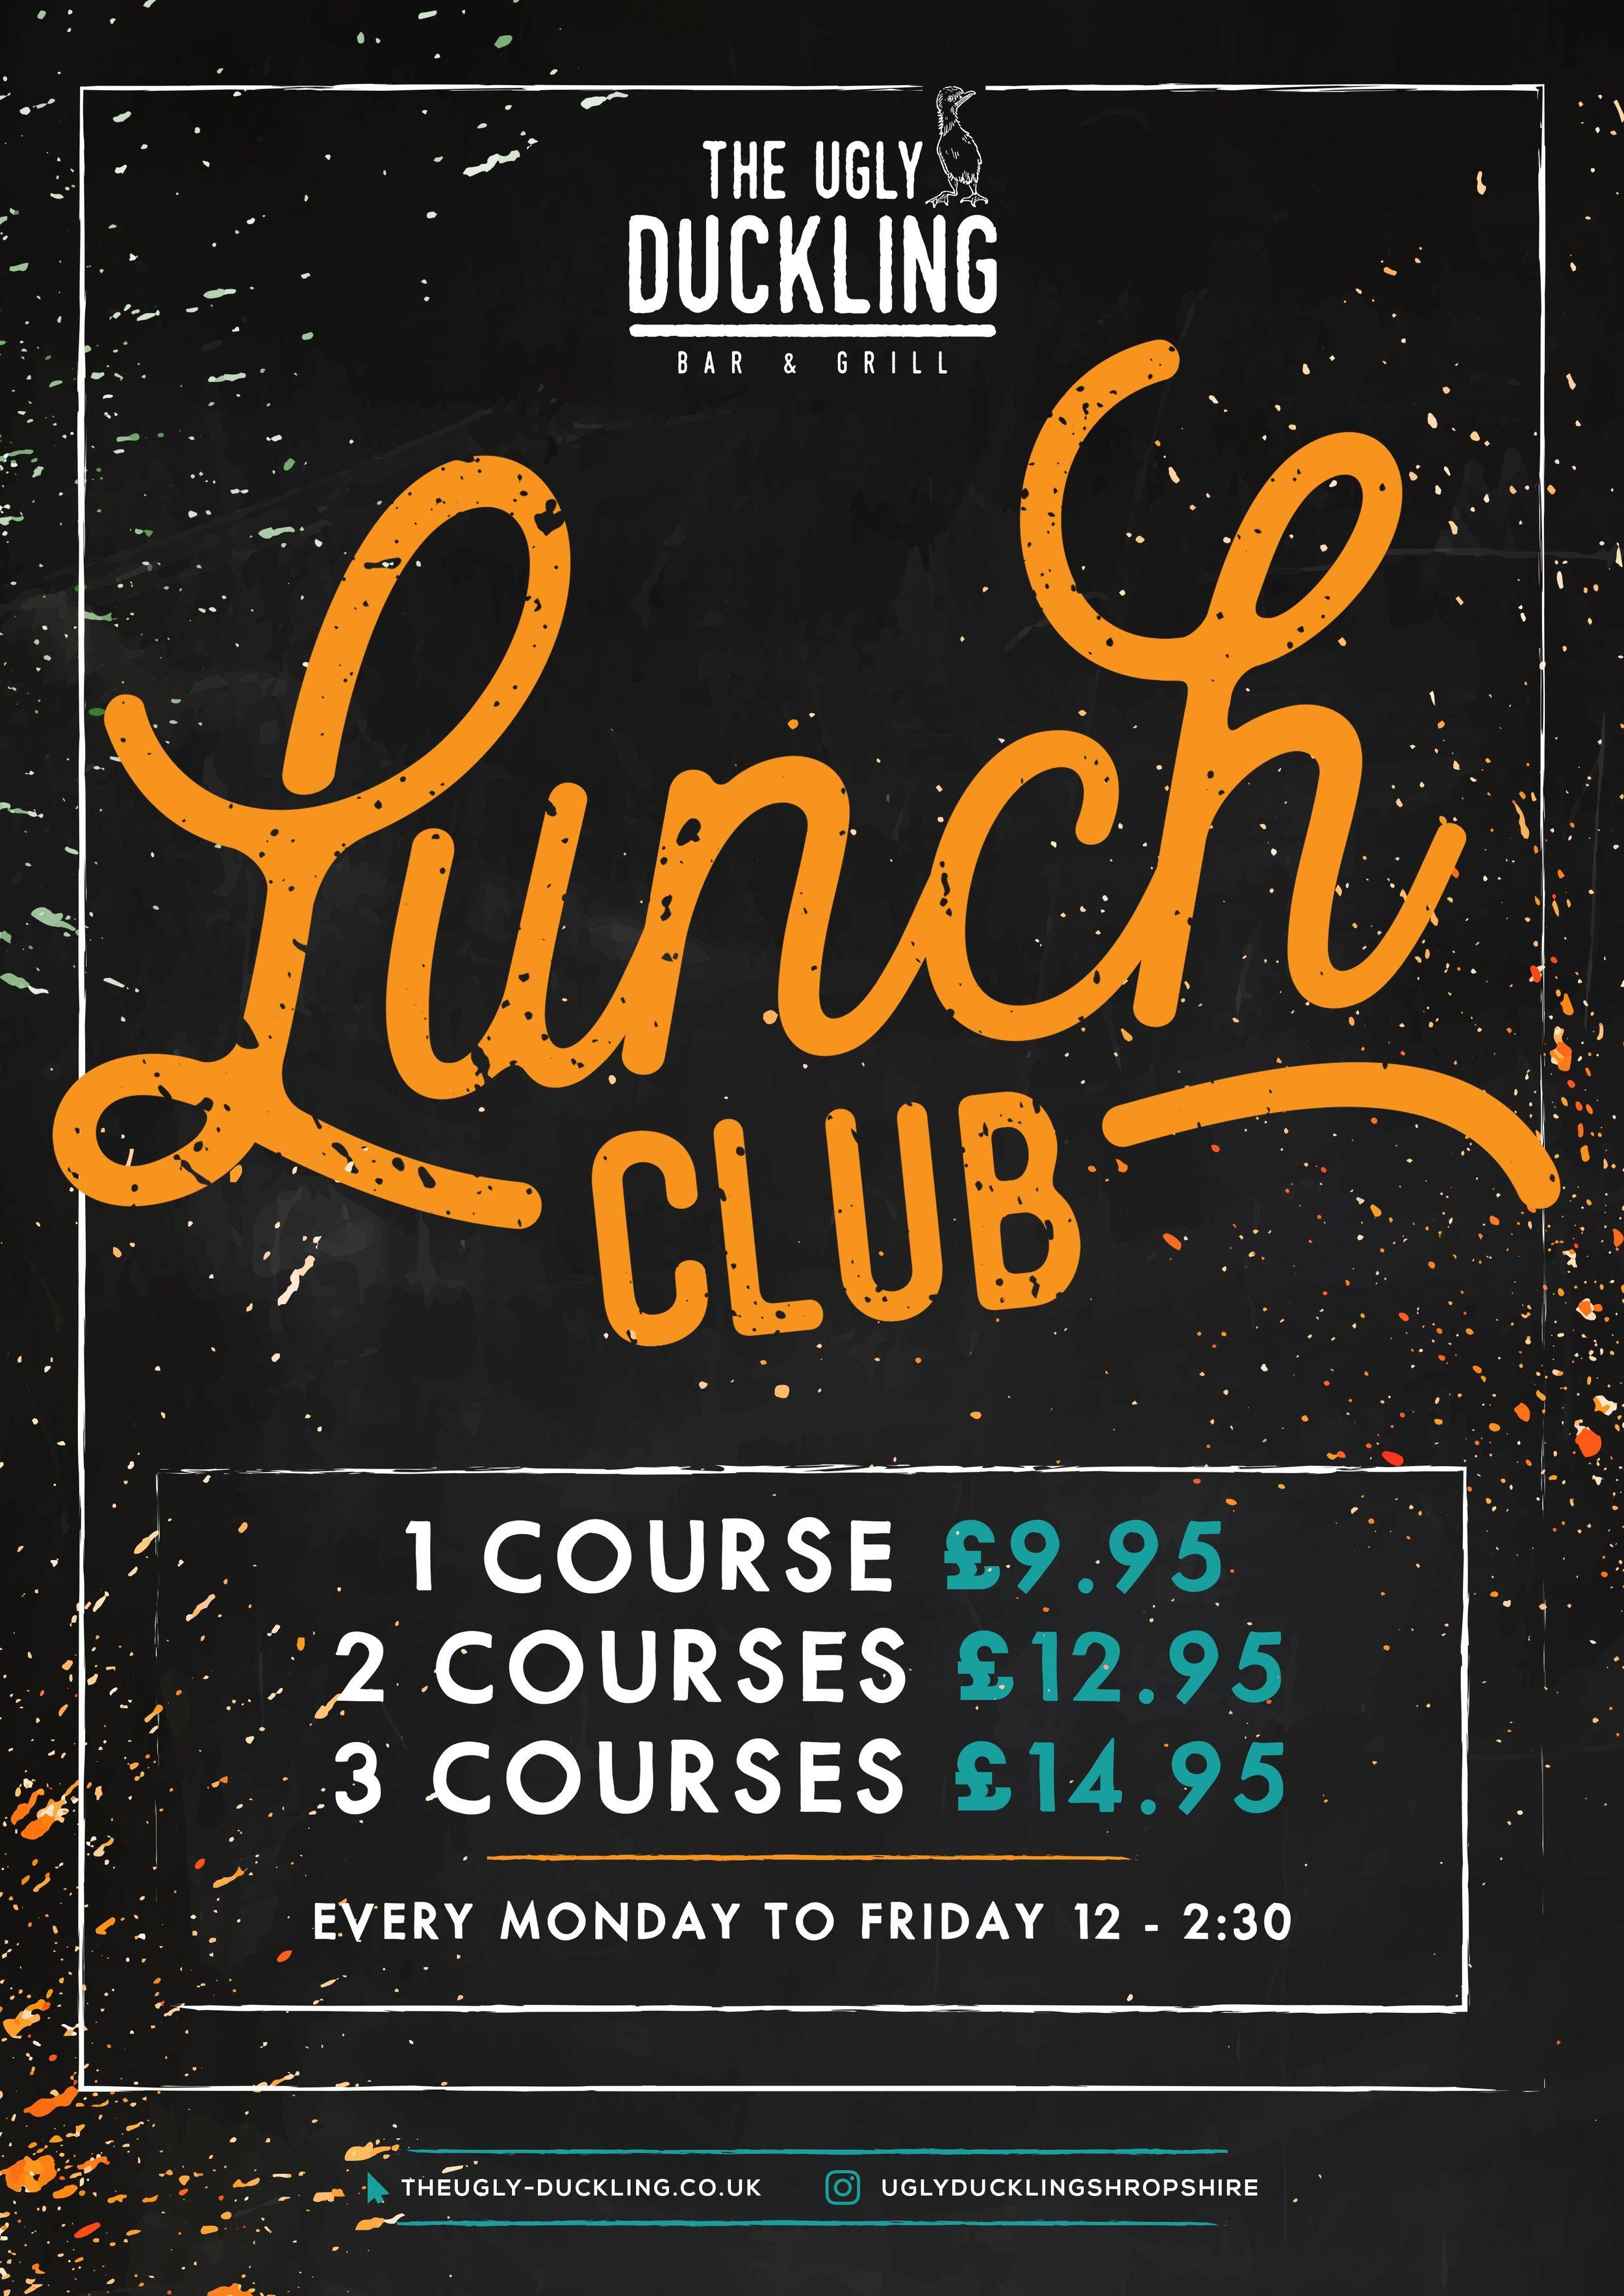 lunch-club-(1).jpg